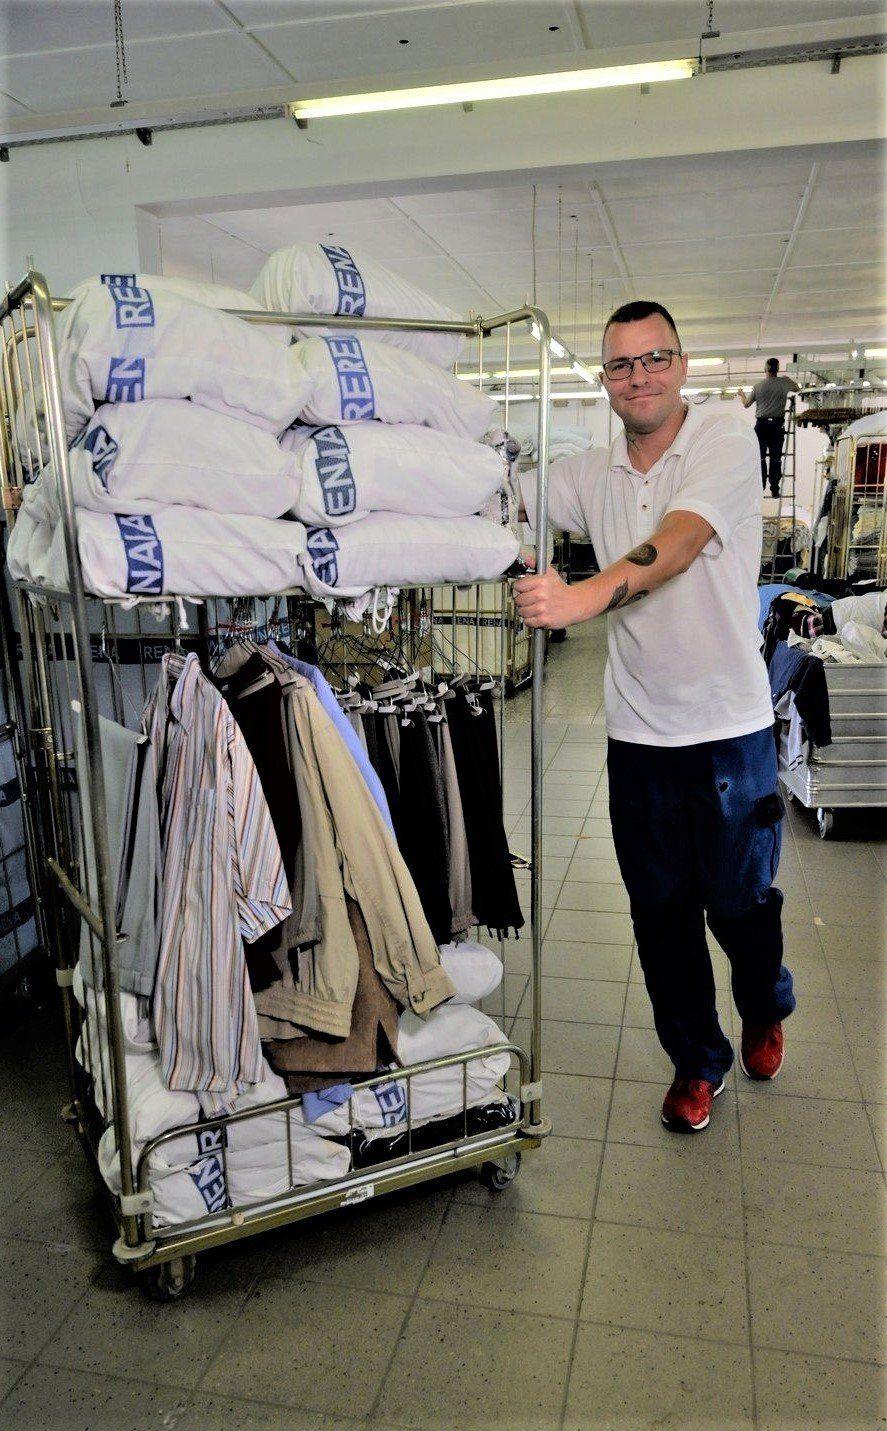 Fahrer Rena Textilpflege mit Bewohnerwäsche